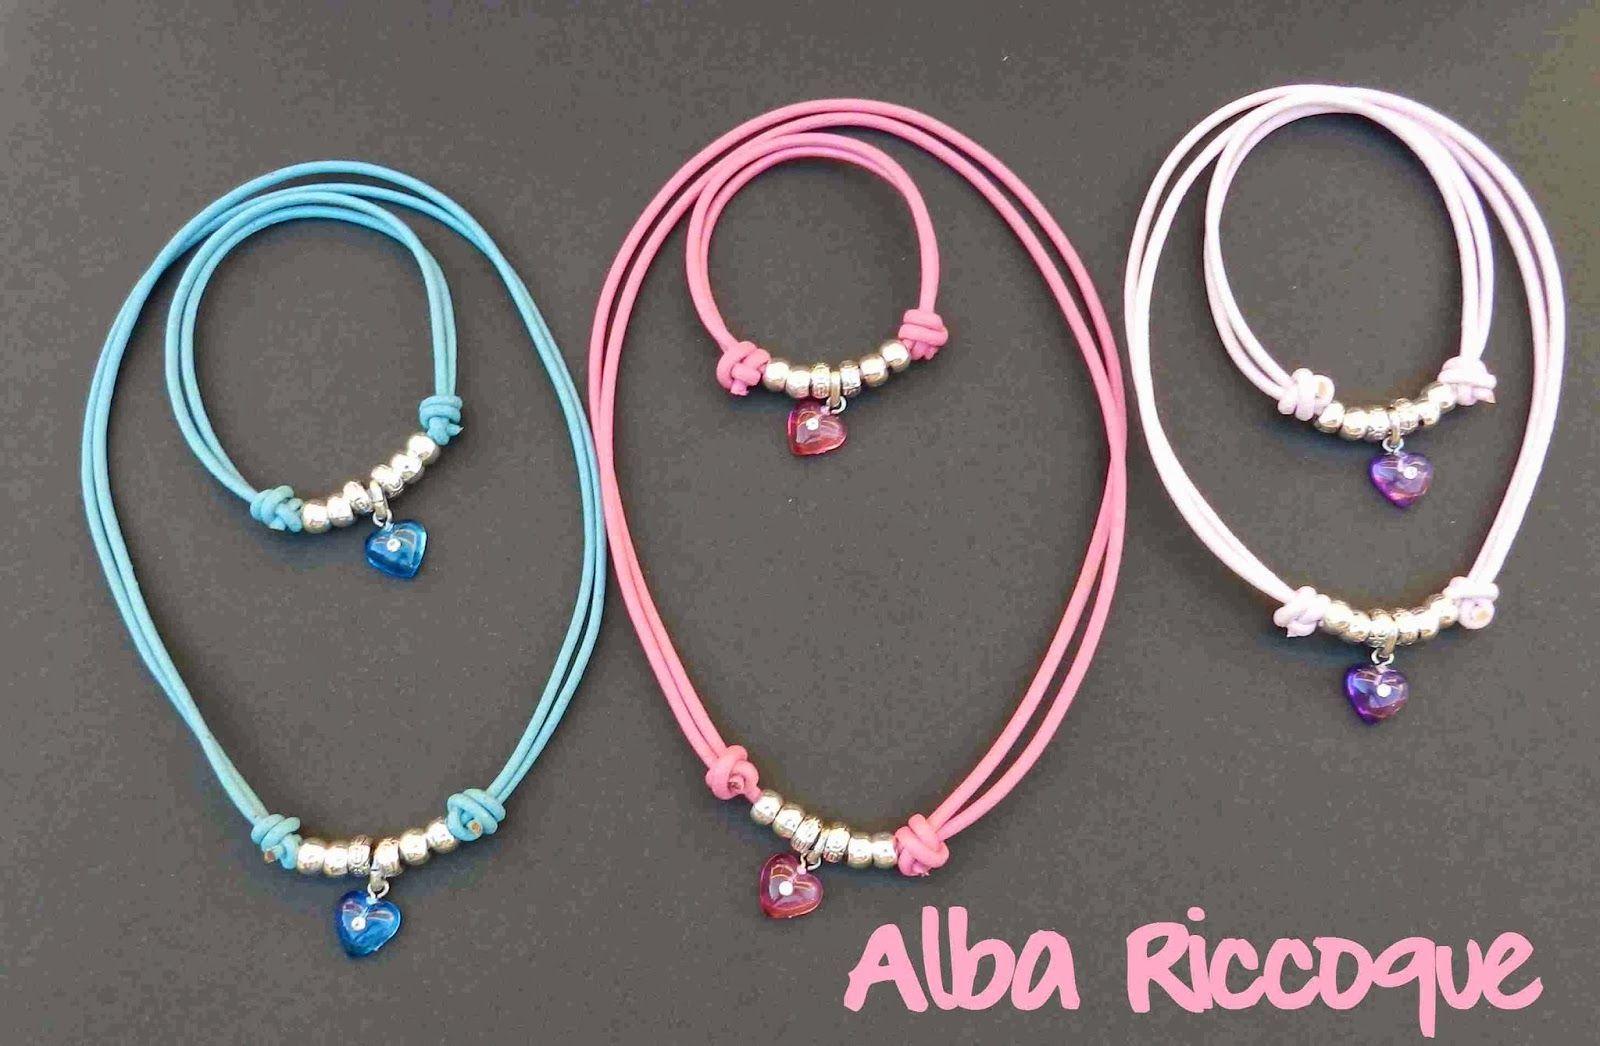 02947cc20612 conjuntos niñas collar pulsera cordon de cuero y corazon diferentes colores